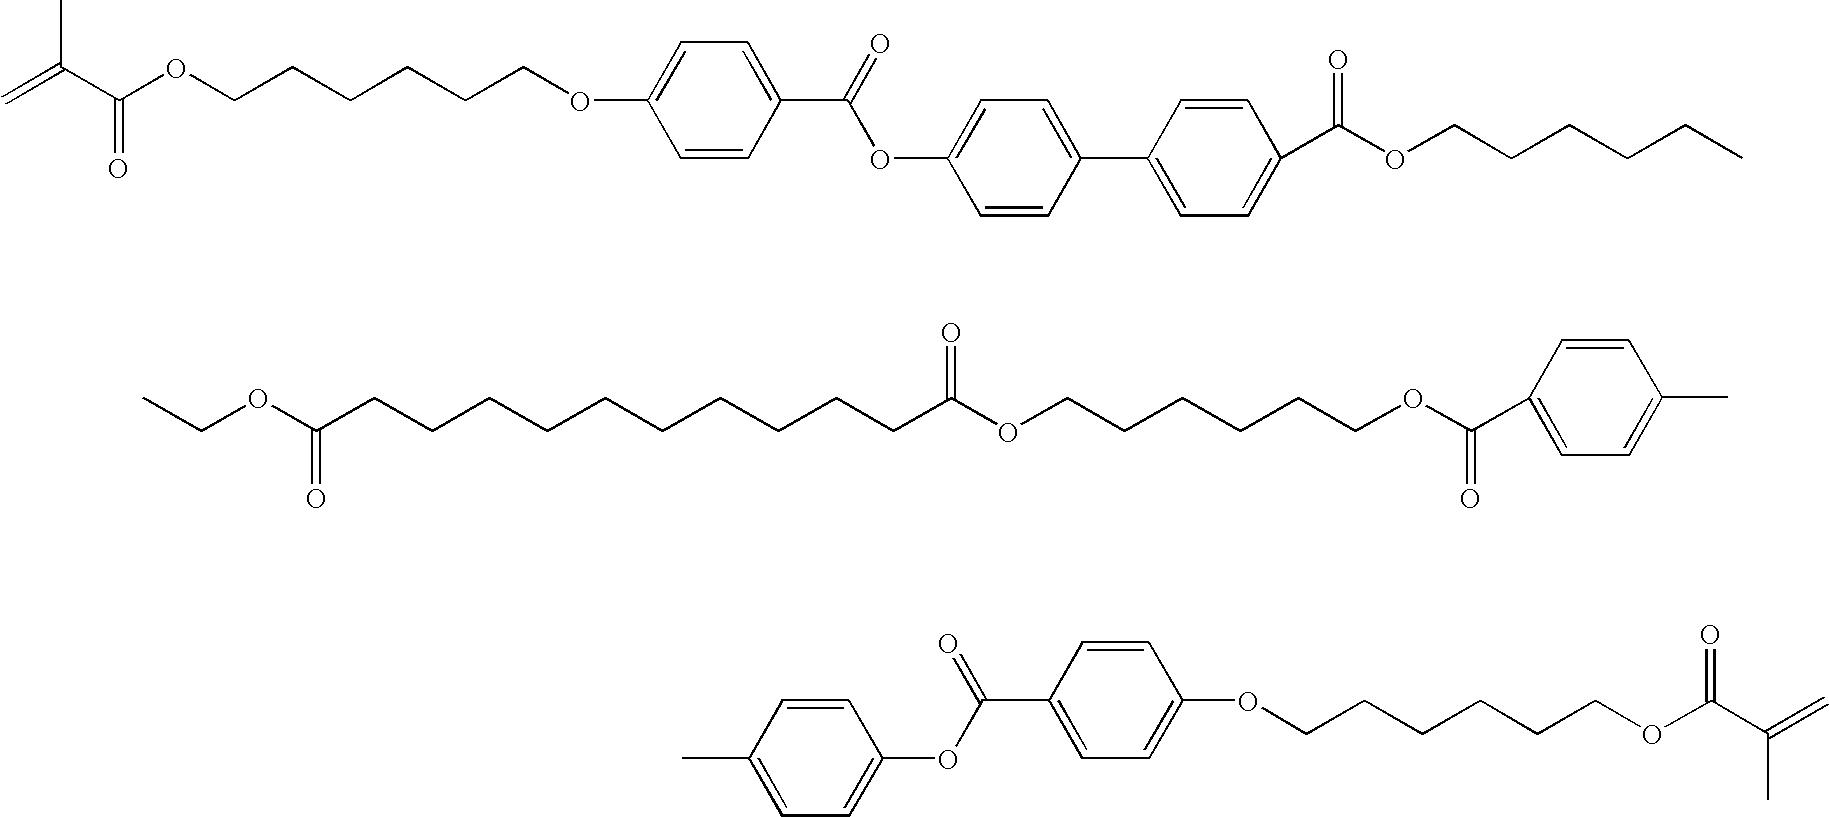 Figure US20100014010A1-20100121-C00024